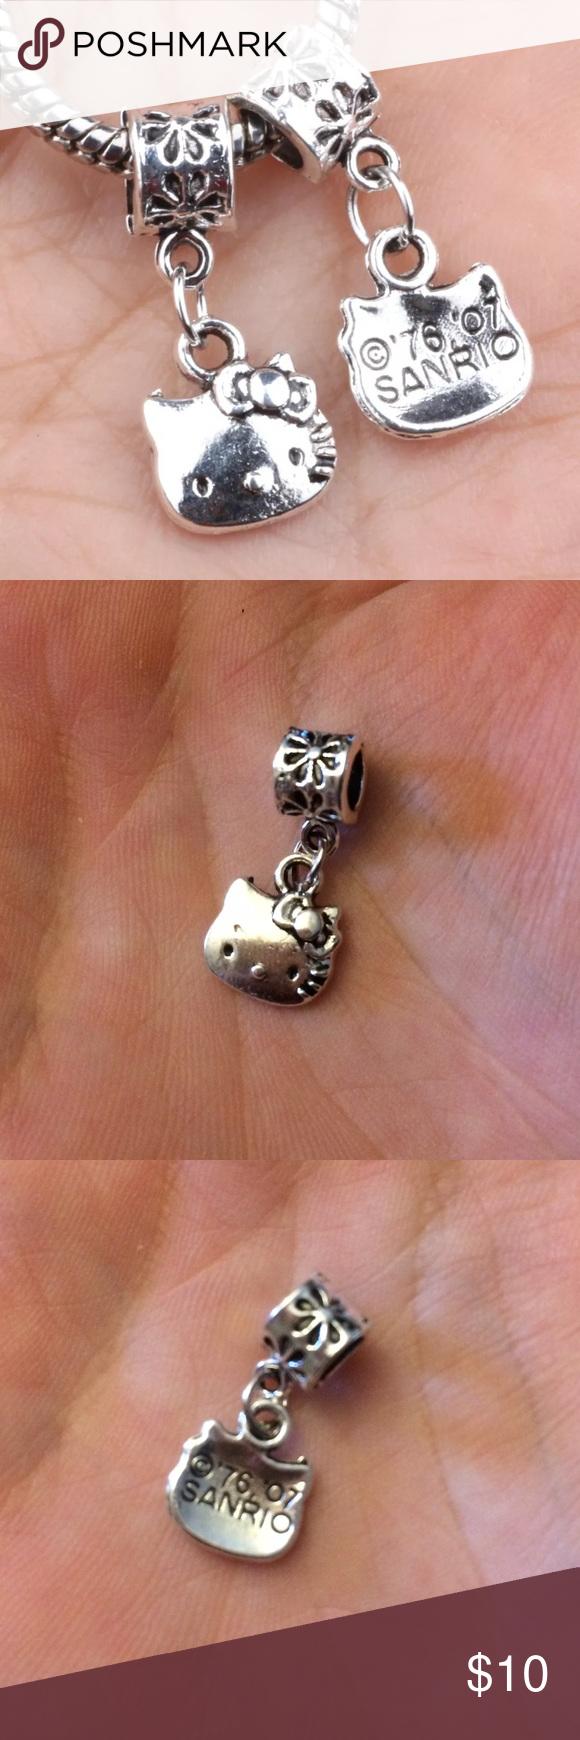 New hello kitty dangle charm new hello kitty charm bead made